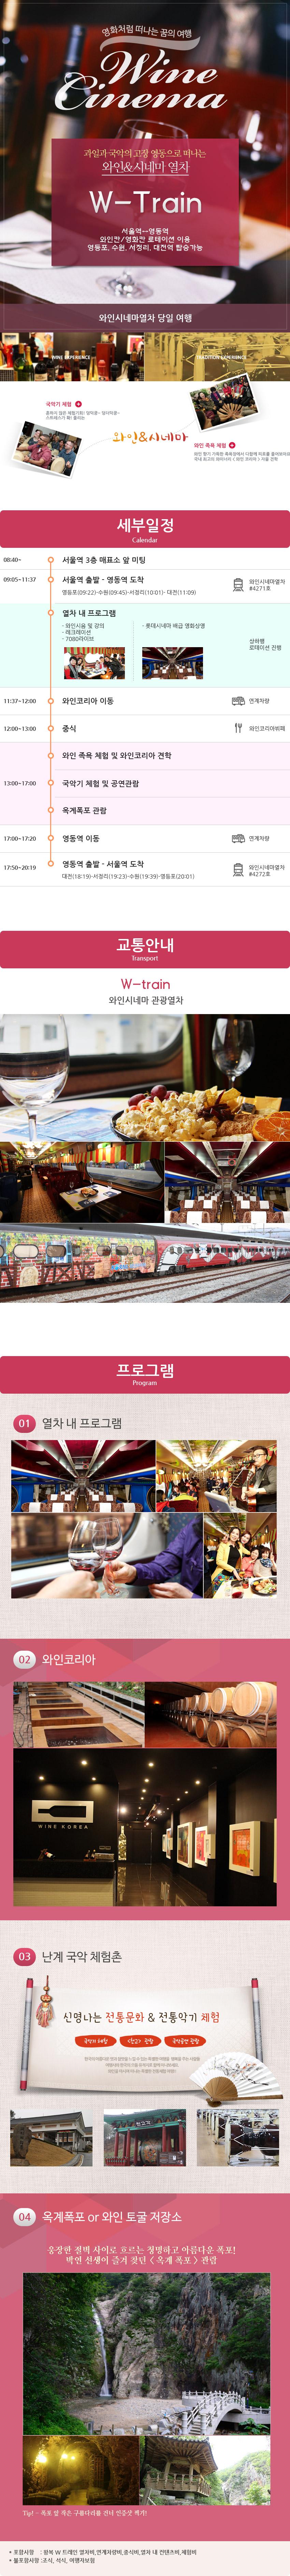 와인시네마열차.jpg